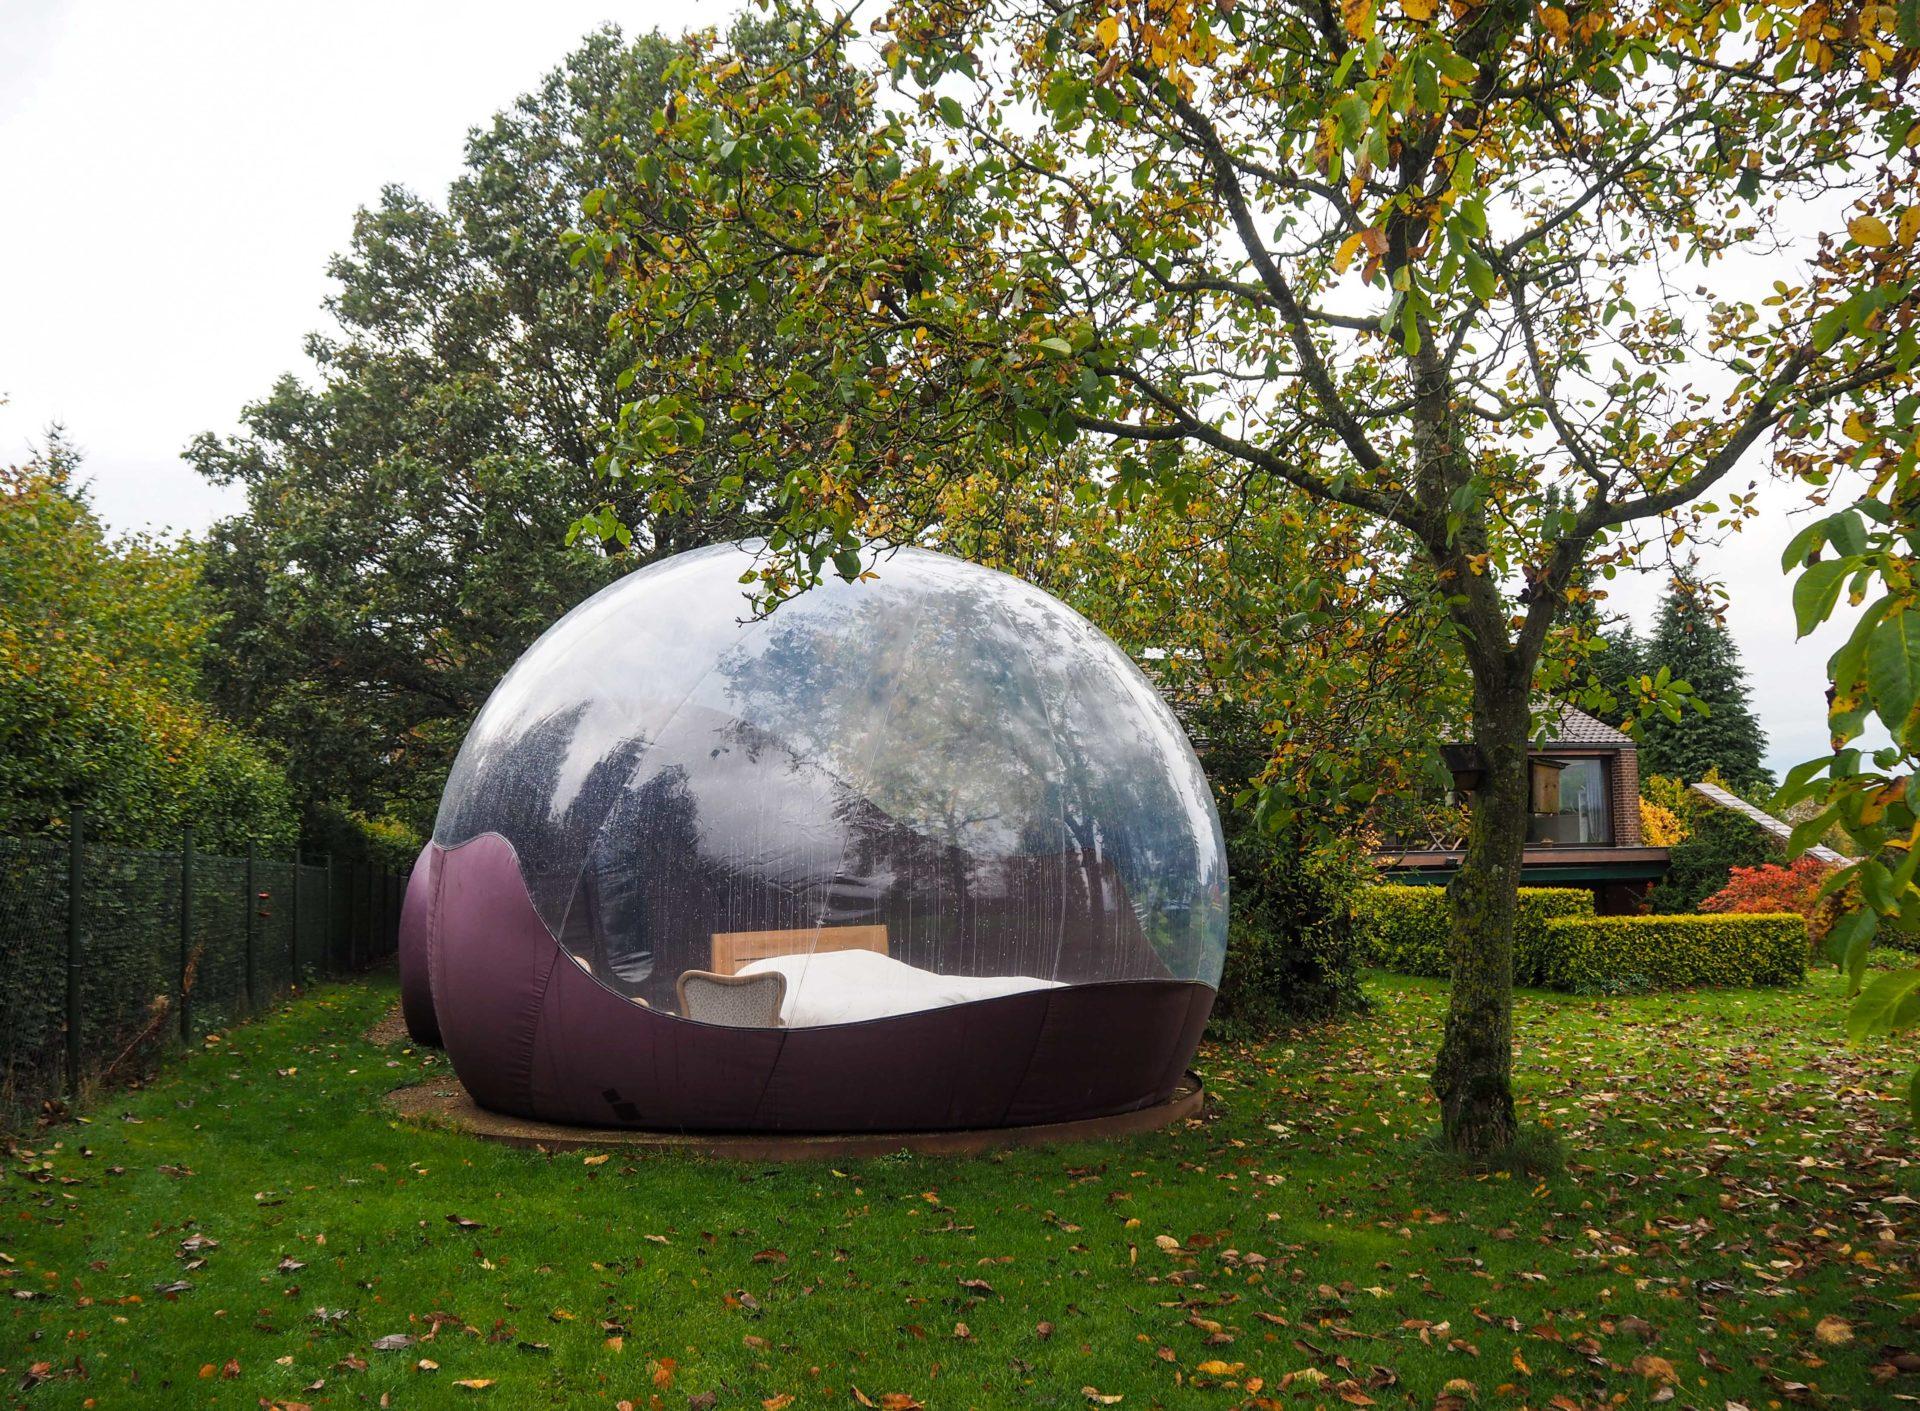 Dormir dans une bulle, un hébergement insolite en Ardenne belge - Le Chant des Etoiles à Spa - Ardenne Belge - Province de Liège - Voyage slow en Belgique